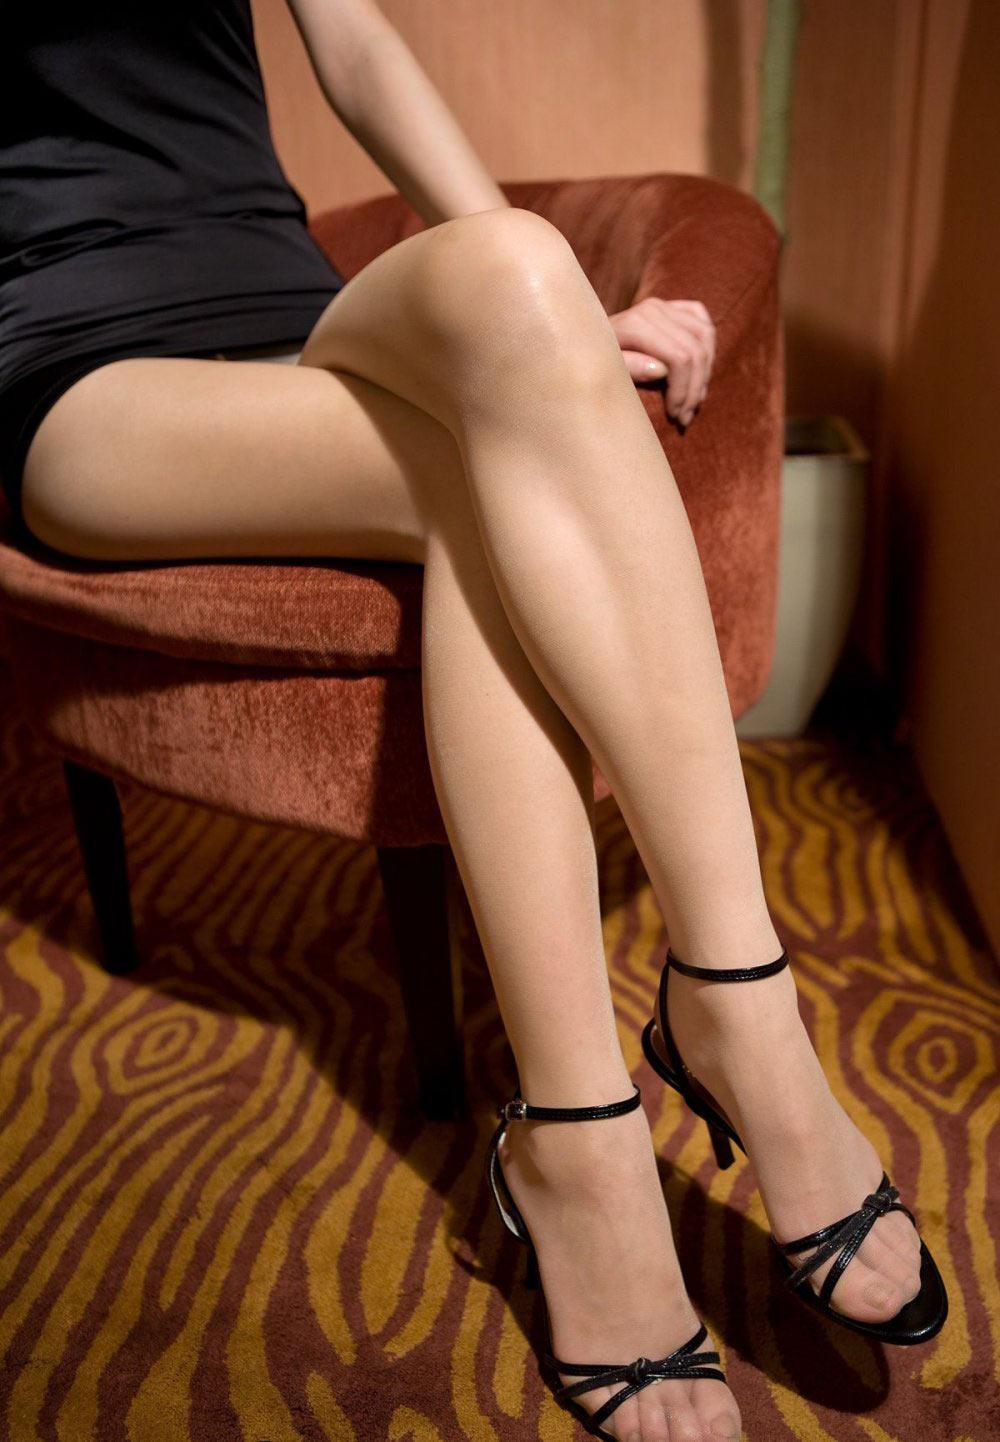 この娘の美脚と太もものラインがエロすぎる・・・これにムラムラしない男なんているの?(画像30枚)